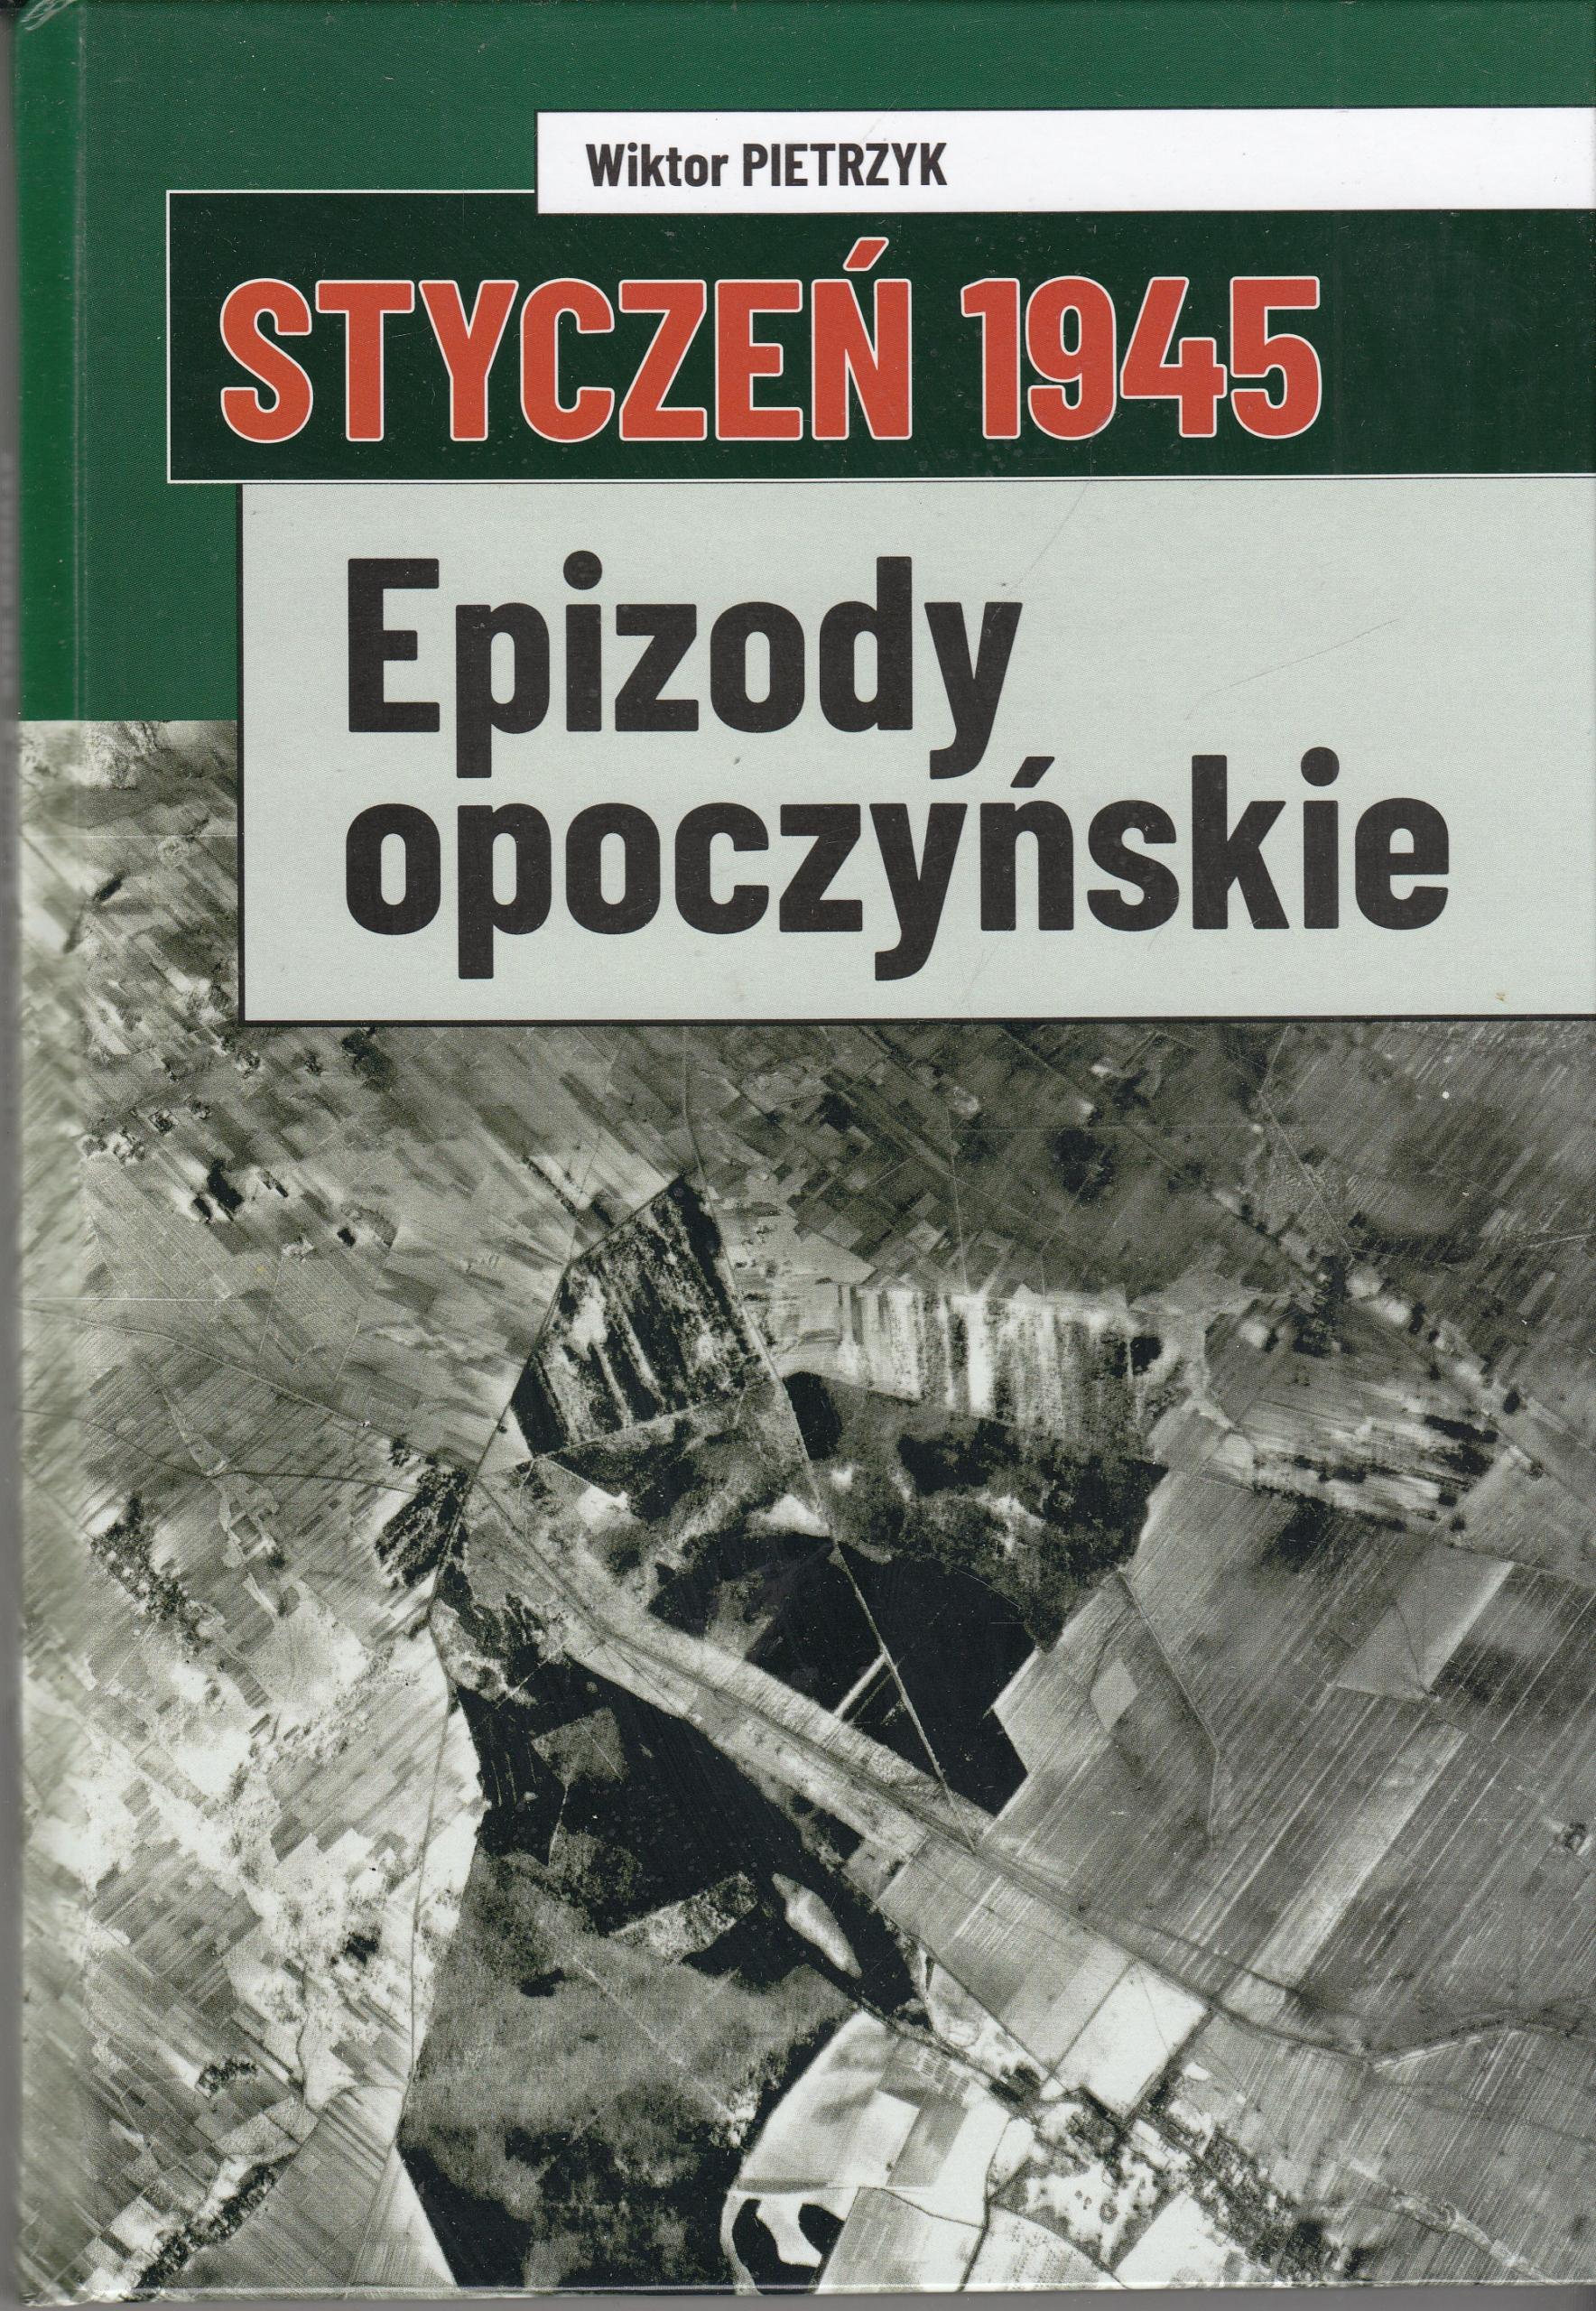 Styczeń 1945 Epizody opoczyńskie Opoczno